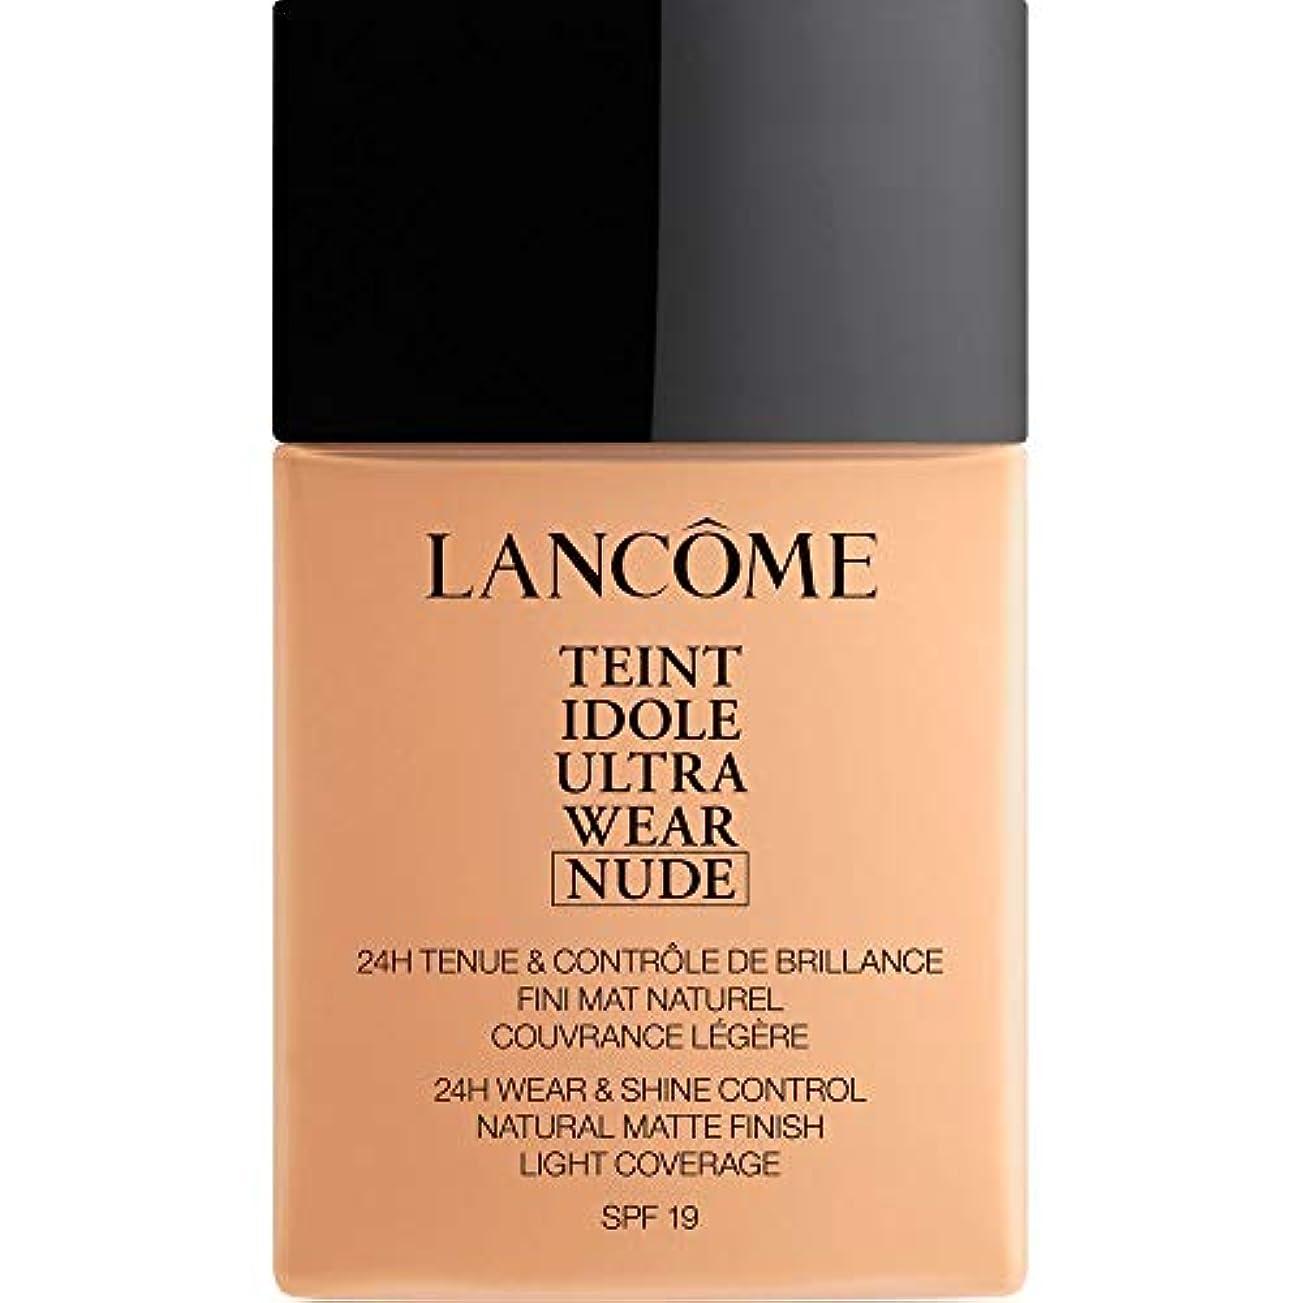 クラッチコピー肥沃な[Lanc?me ] ランコムTeintのIdole超摩耗ヌード財団Spf19の40ミリリットル032 - ベージュCendre - Lancome Teint Idole Ultra Wear Nude Foundation...